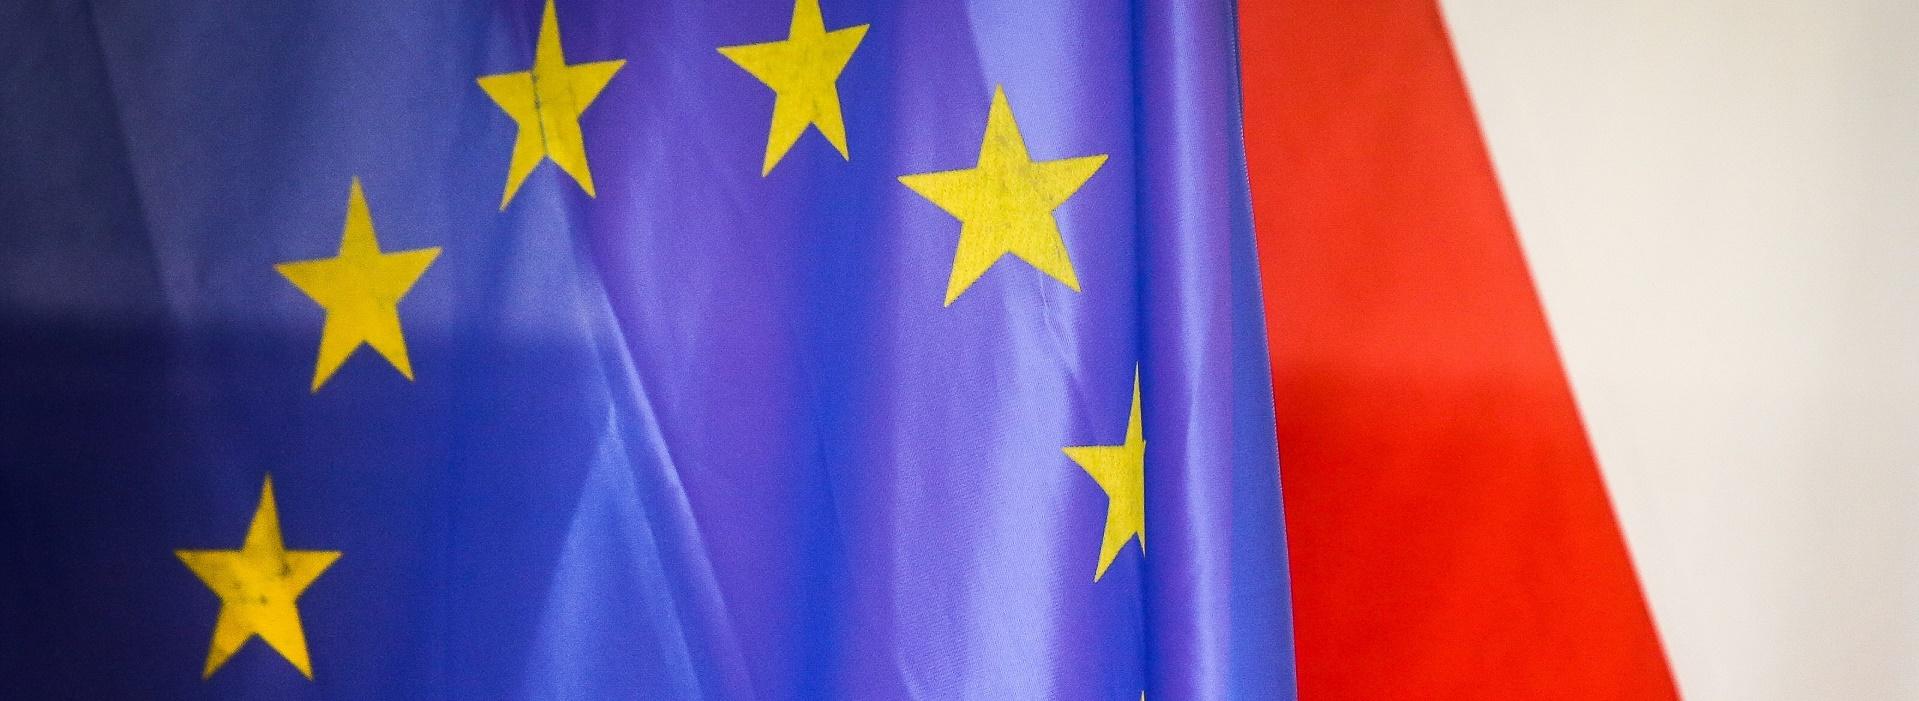 """Europejska Deklaracja Programowa PiS składa się z 12 punktów, """"tak jak 12 gwiazd na fladze UE, maryjnych gwiazd"""""""